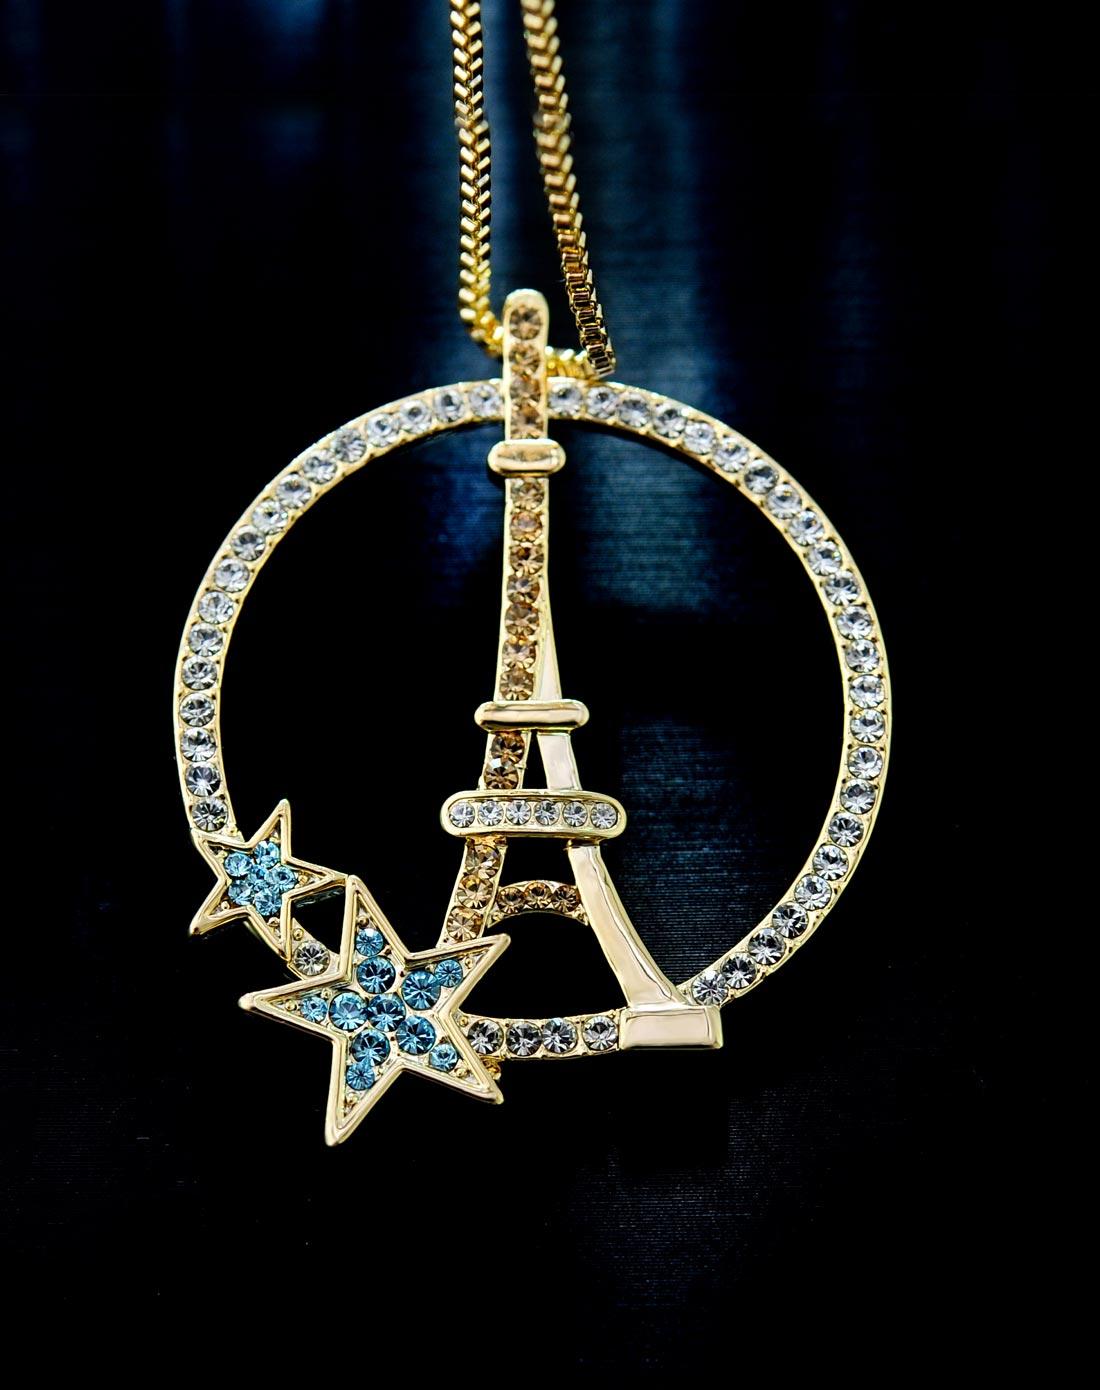 复古时尚长款毛衣链埃菲尔铁塔吊坠长项链